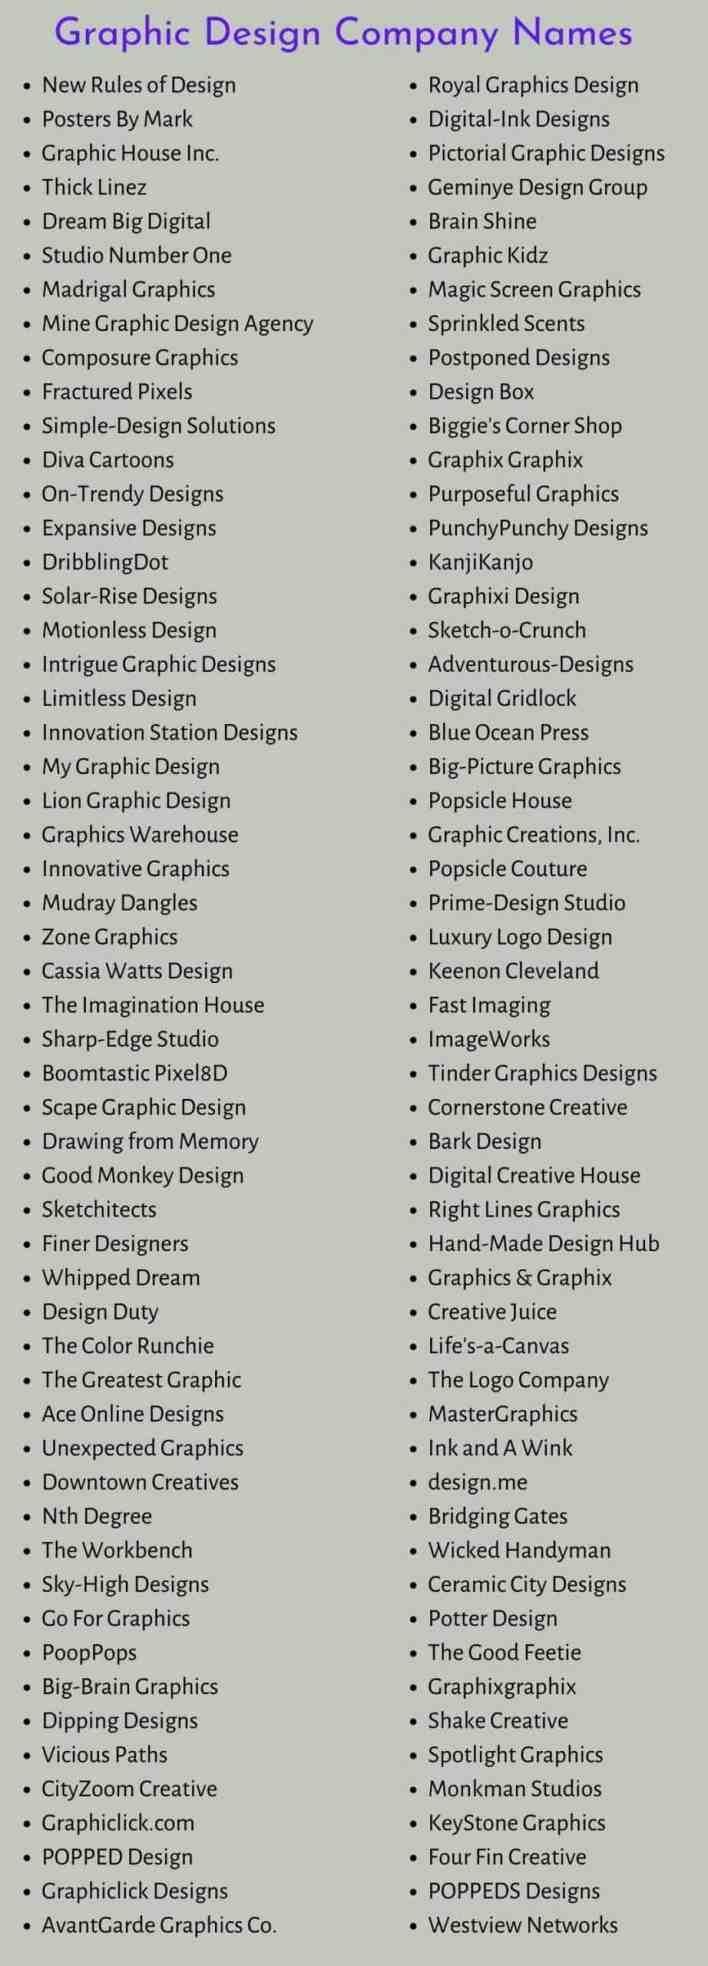 Graphic Design Company Names